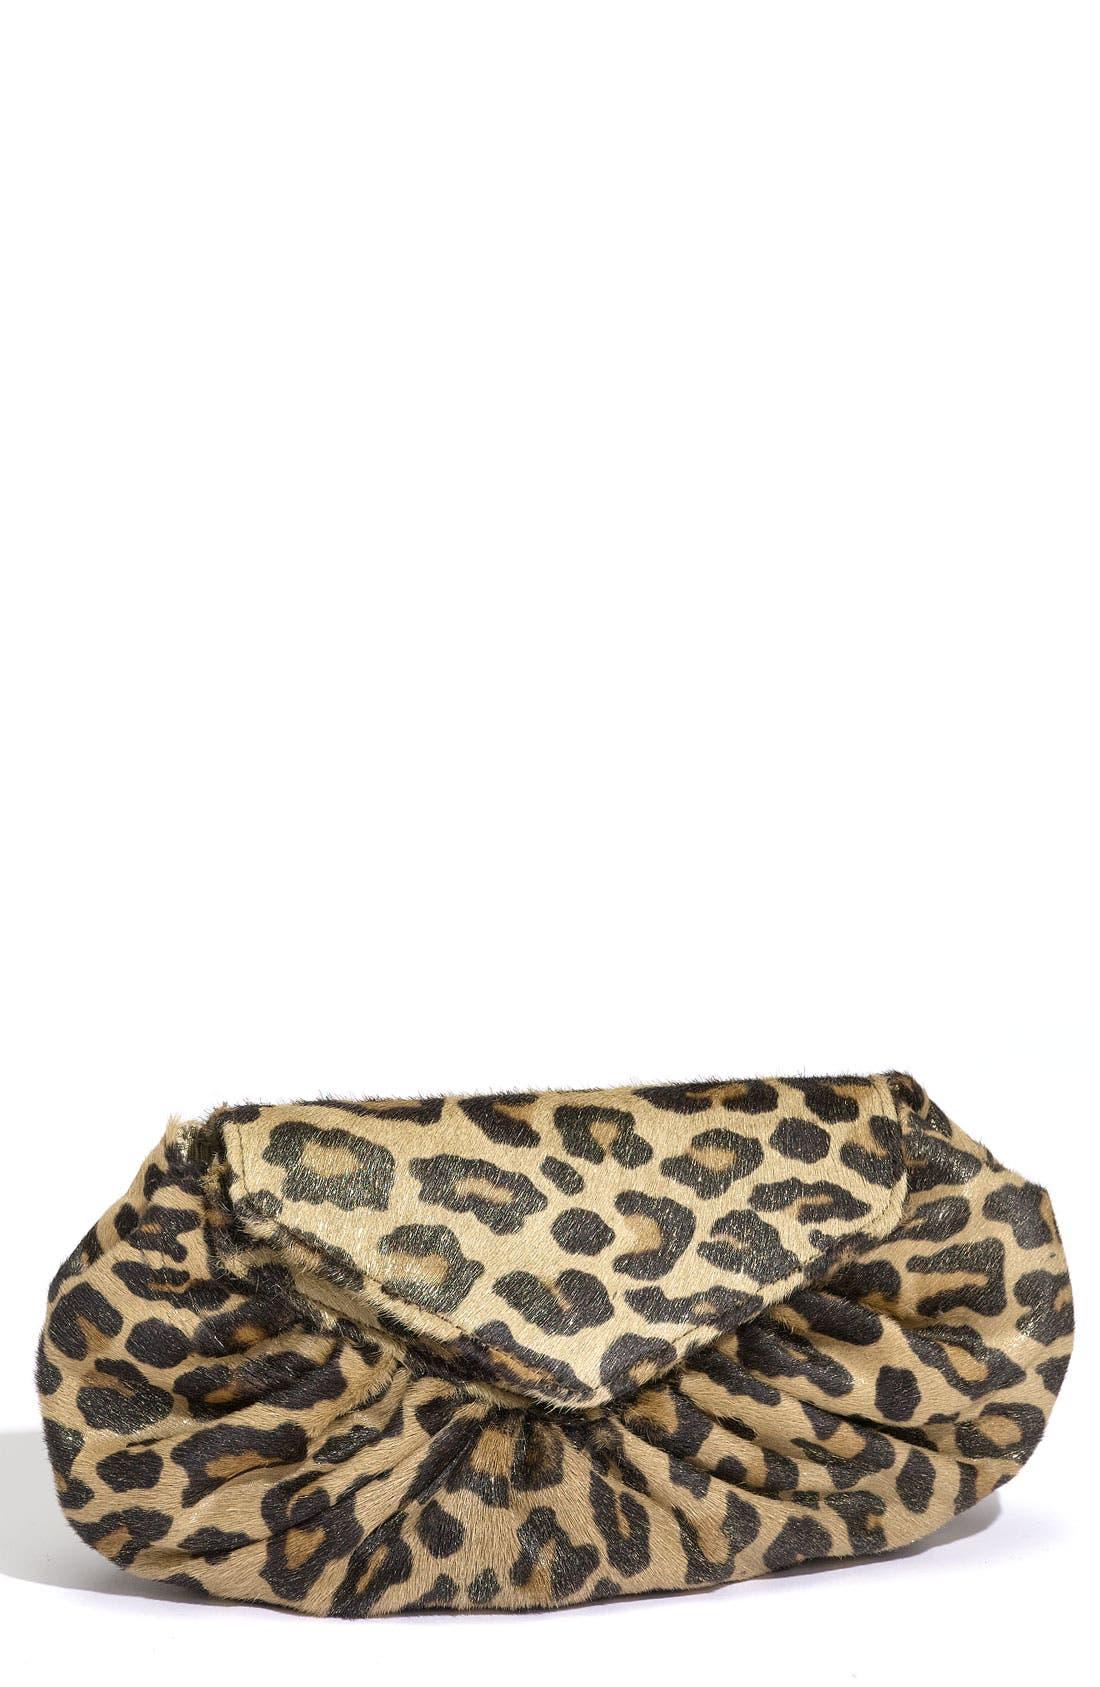 Alternate Image 1 Selected - Lauren Merkin 'Diana' Leopard Print Clutch